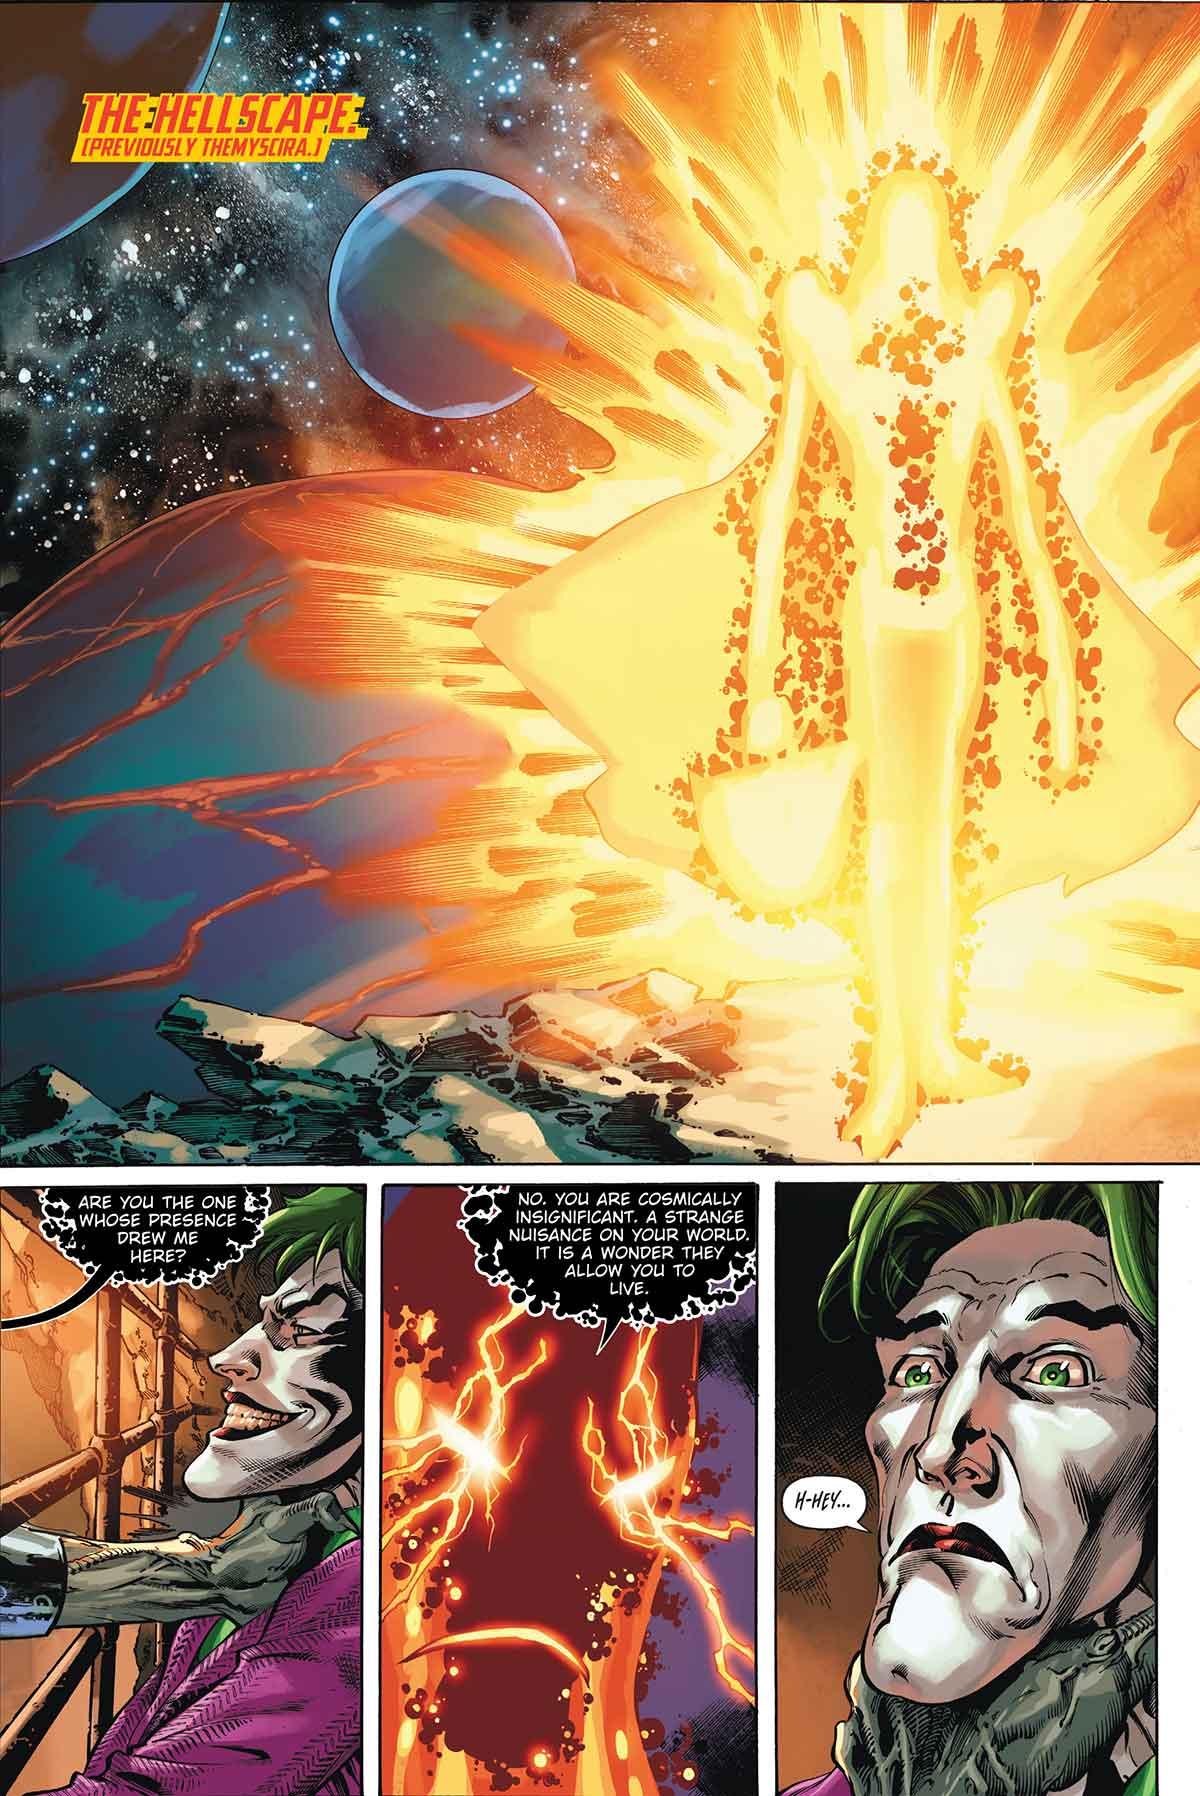 El villano de DC Comics tan terrorífico que hasta el Joker le tiene miedo